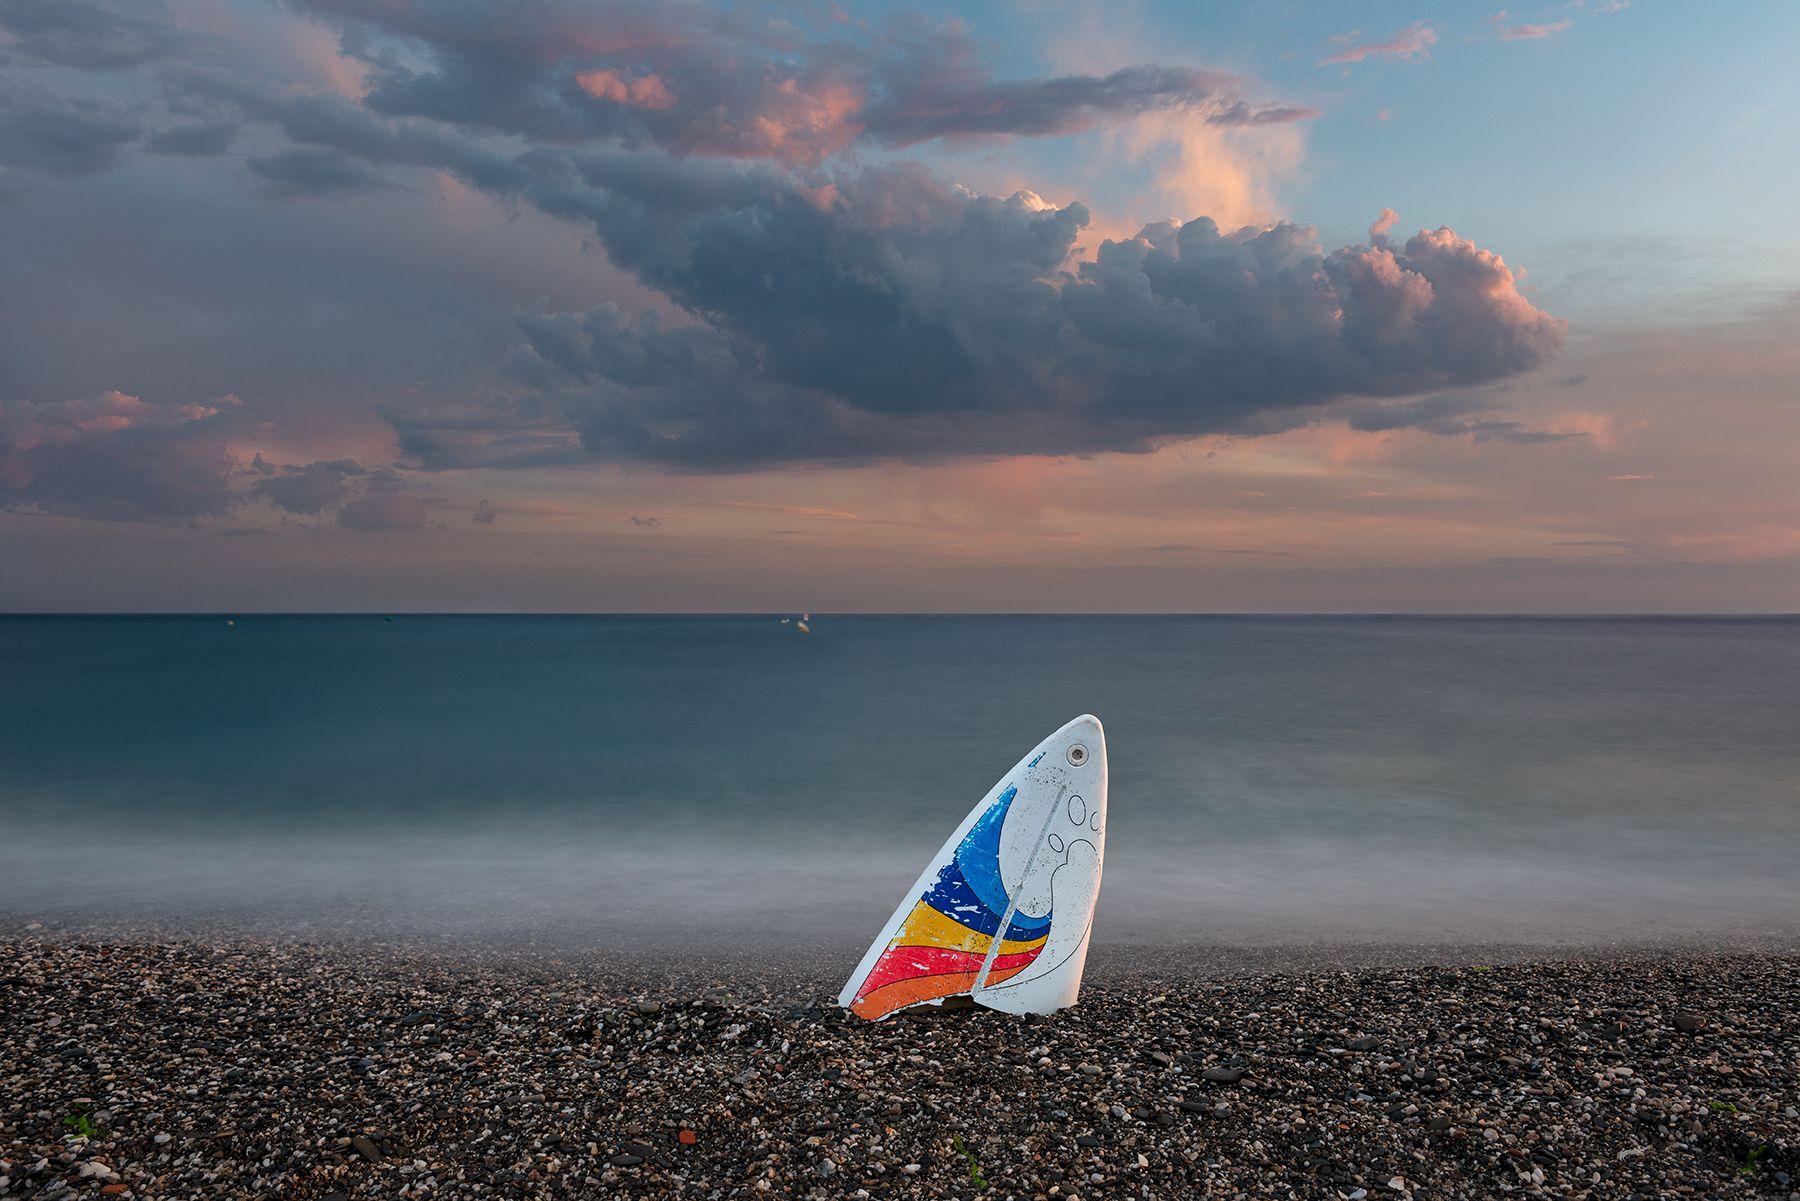 Atardecer con nubes y tabla de surf rota